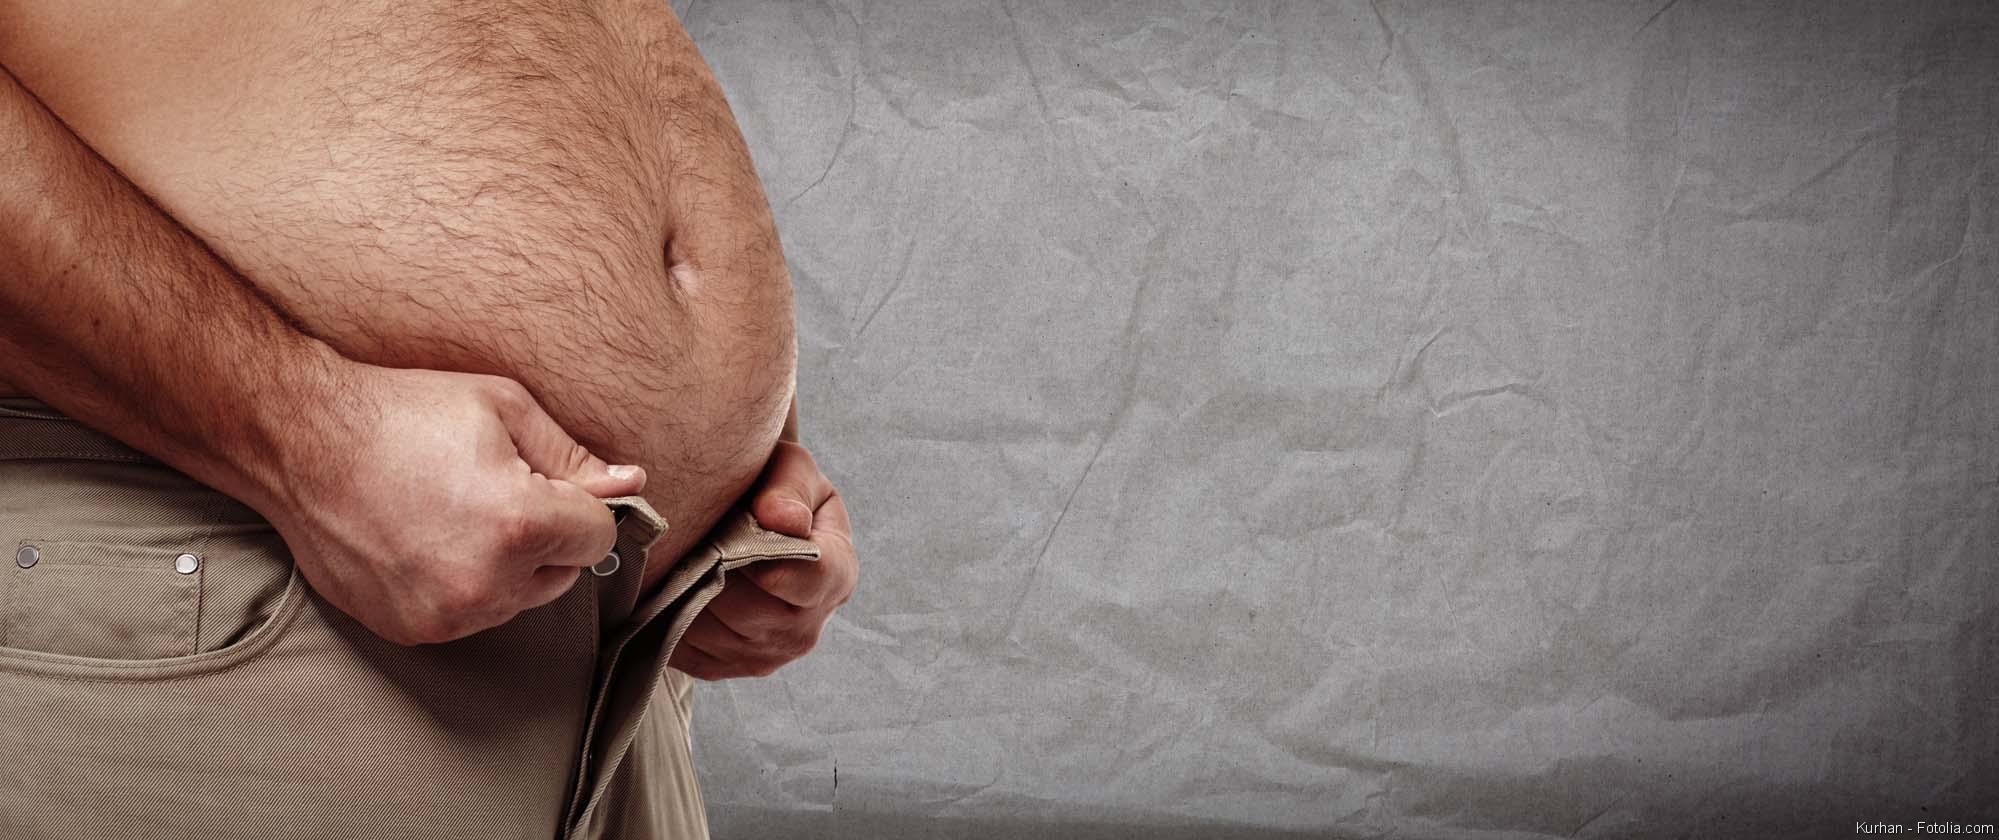 Krankhaftes Übergewicht, BMI, Fettleibigkeit, Adipositas, Übergewicht